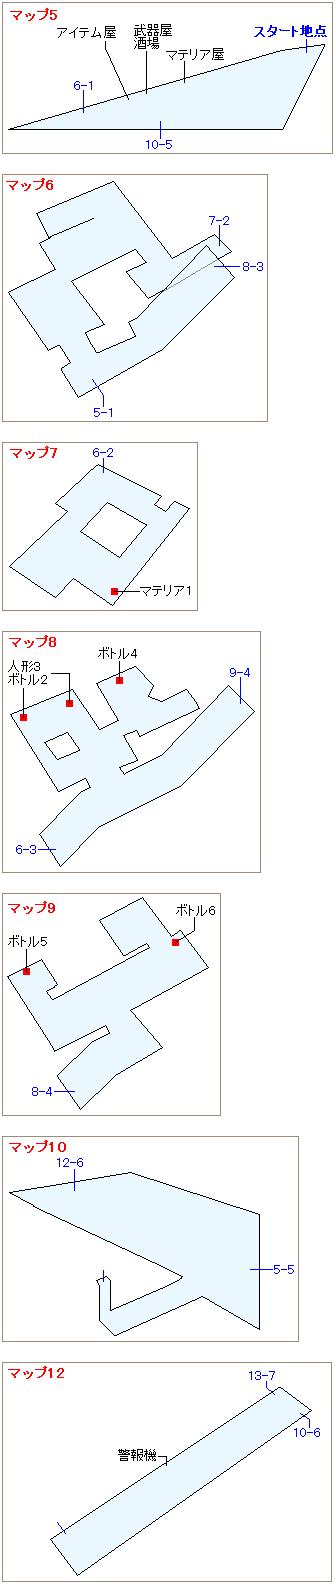 ストーリー攻略マップ・ジュノン上部(4)